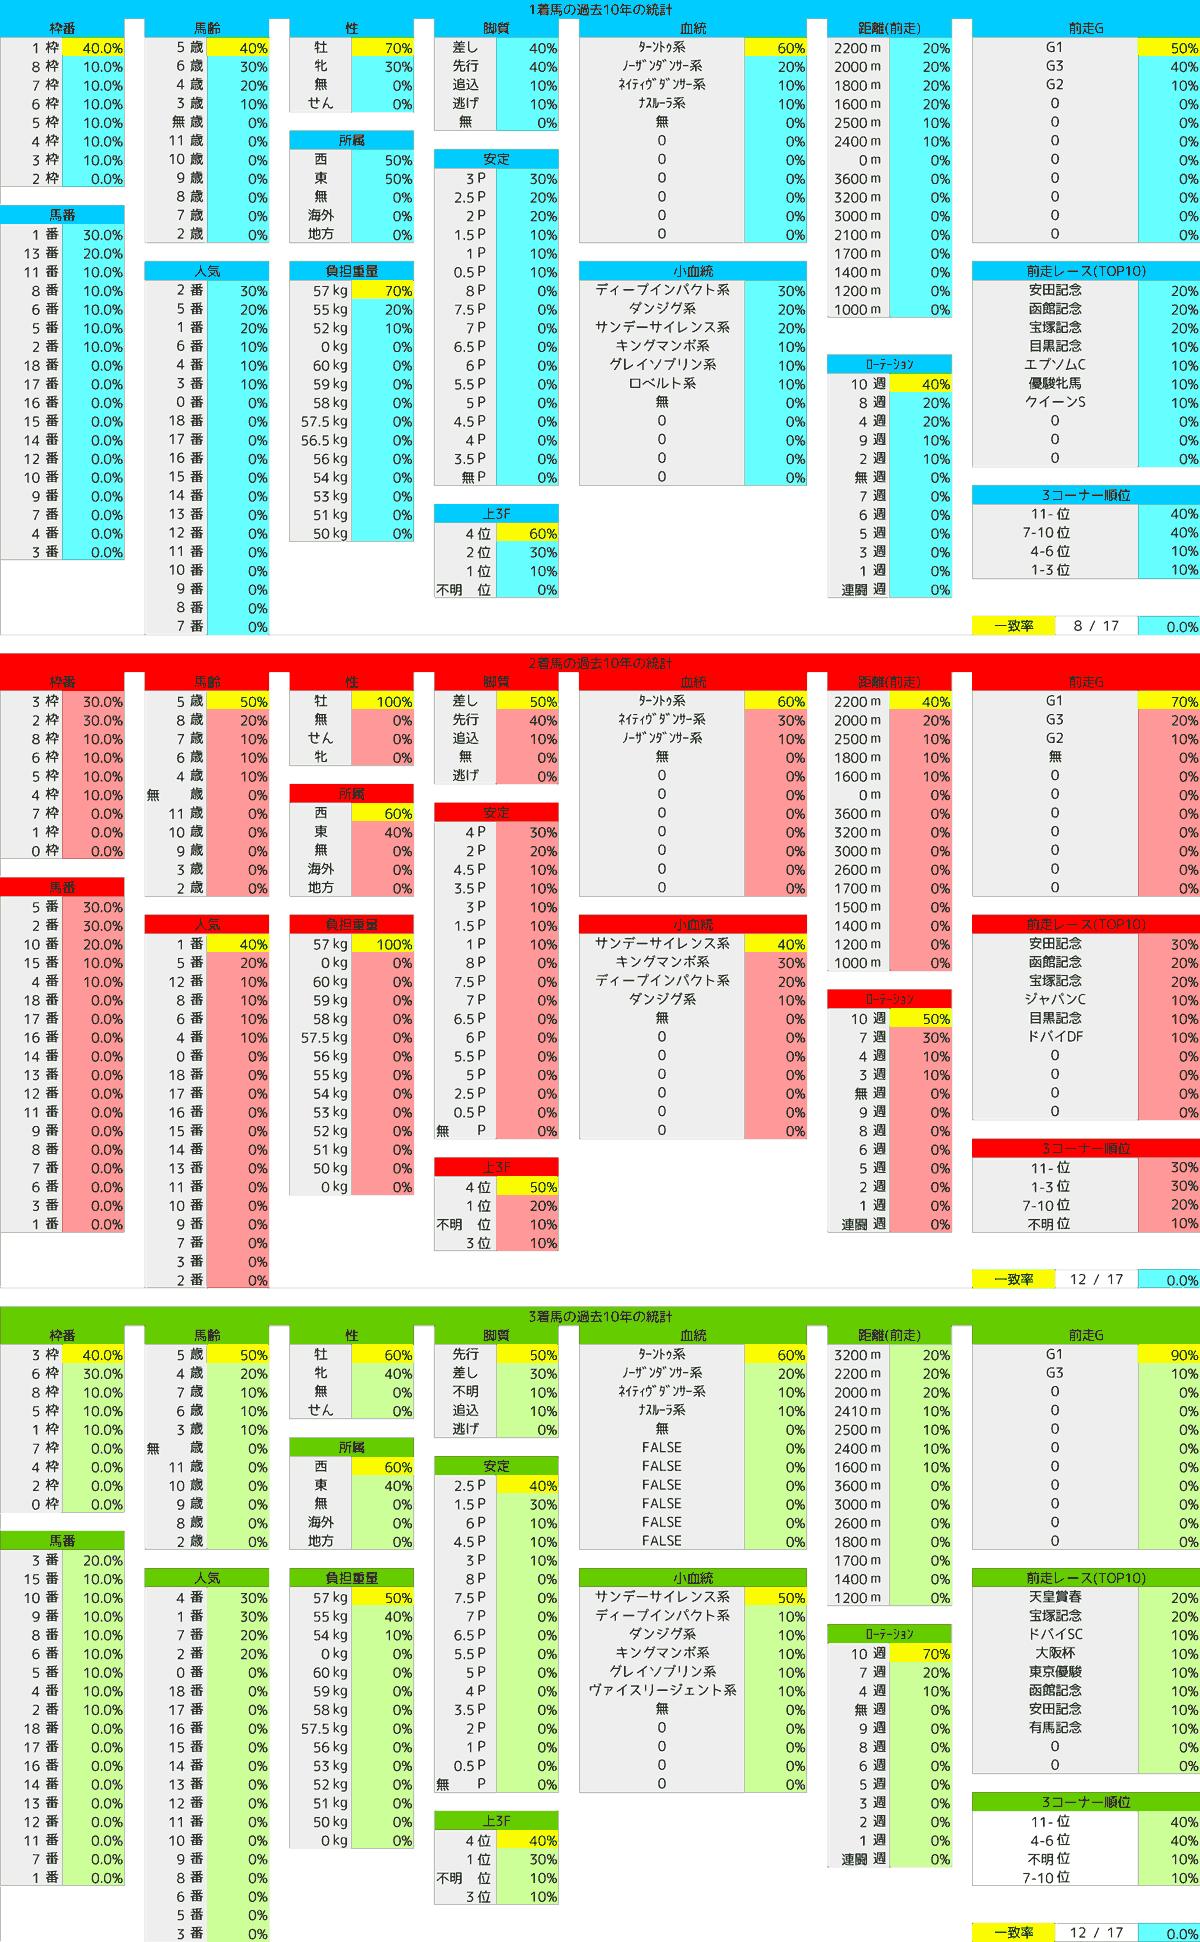 2021_統計1_札幌記念-min